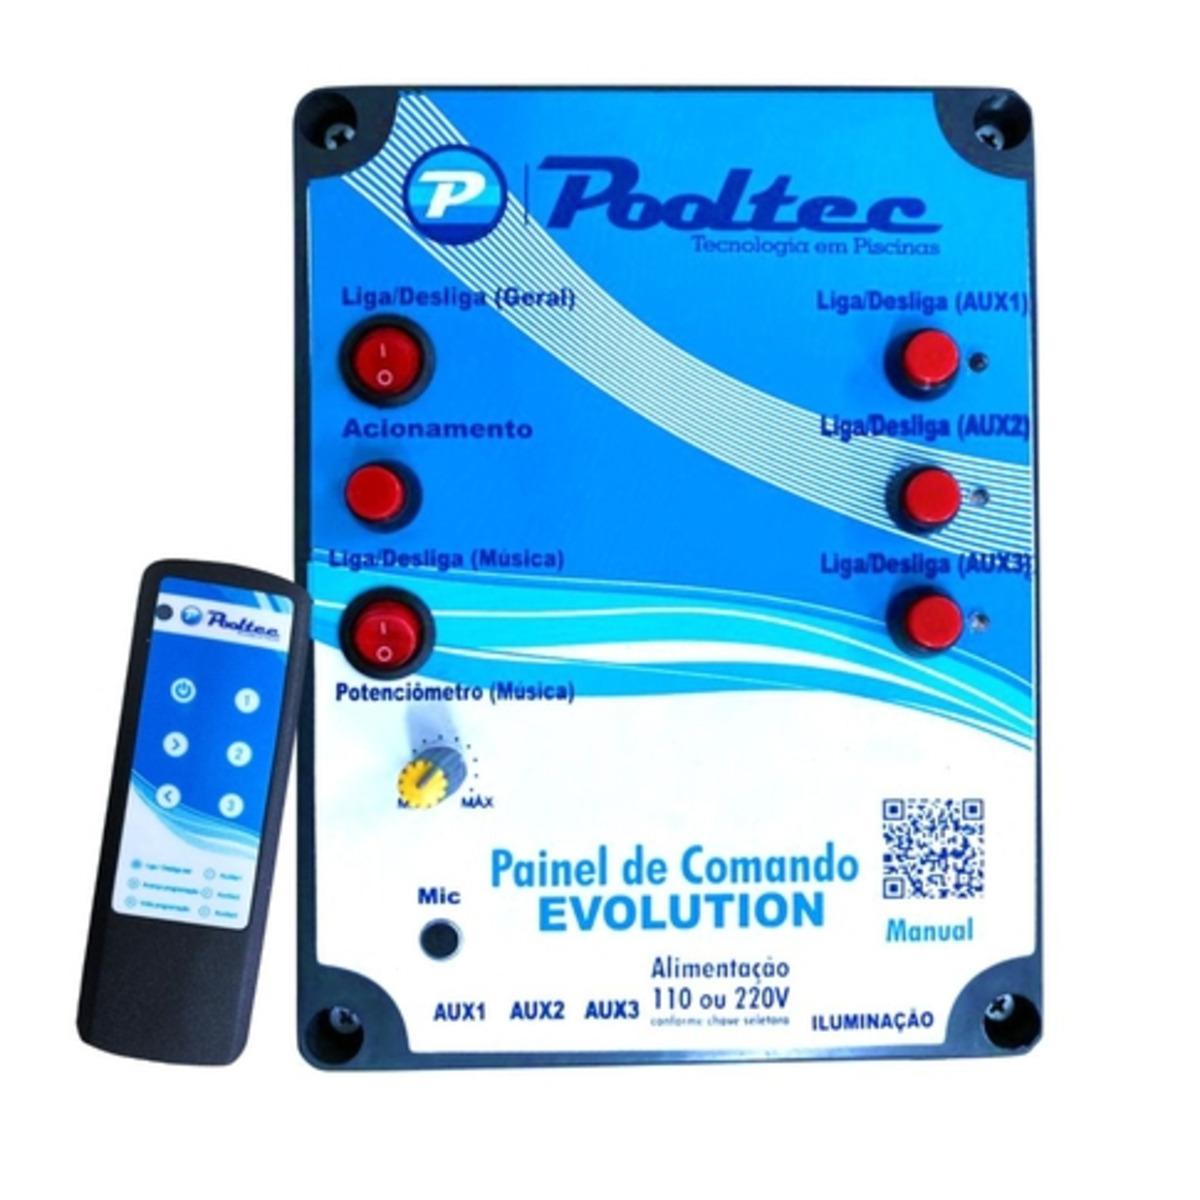 Quadro de Comando Evolution Modelo B para leds de Piscina pooltec